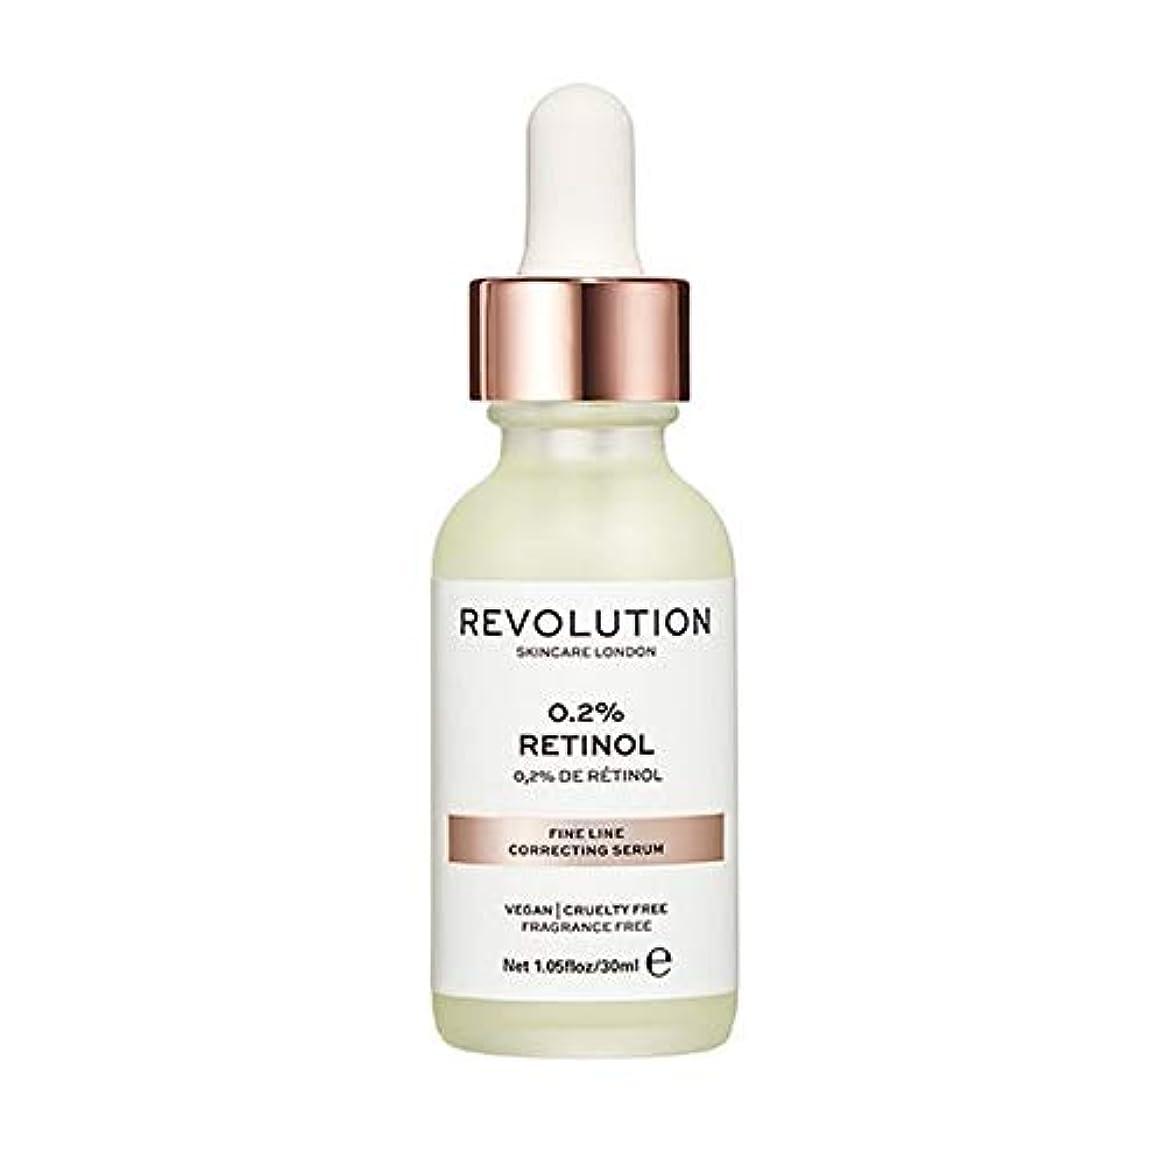 突然約束するモバイル[Revolution] 革命のスキンケア細線補正した血清 - Revolution Skincare Fine Line Correcting Serum [並行輸入品]